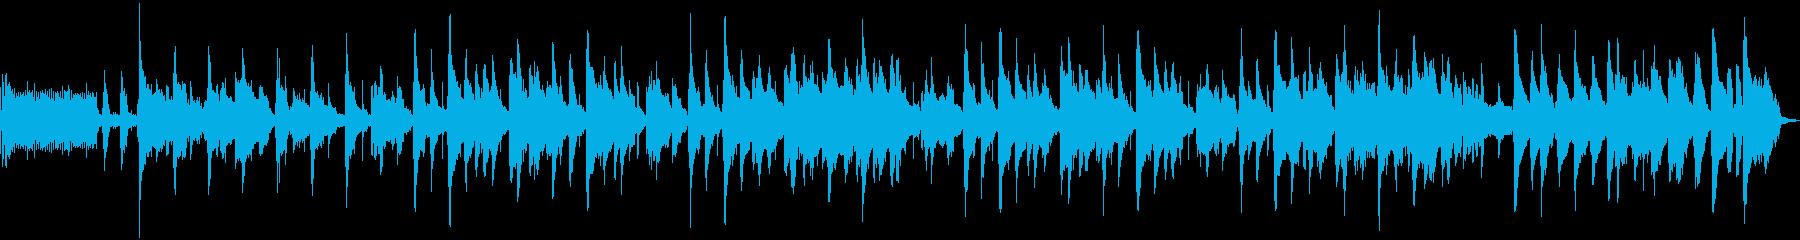 楽しくクールなレトロなジャズトラッ...の再生済みの波形